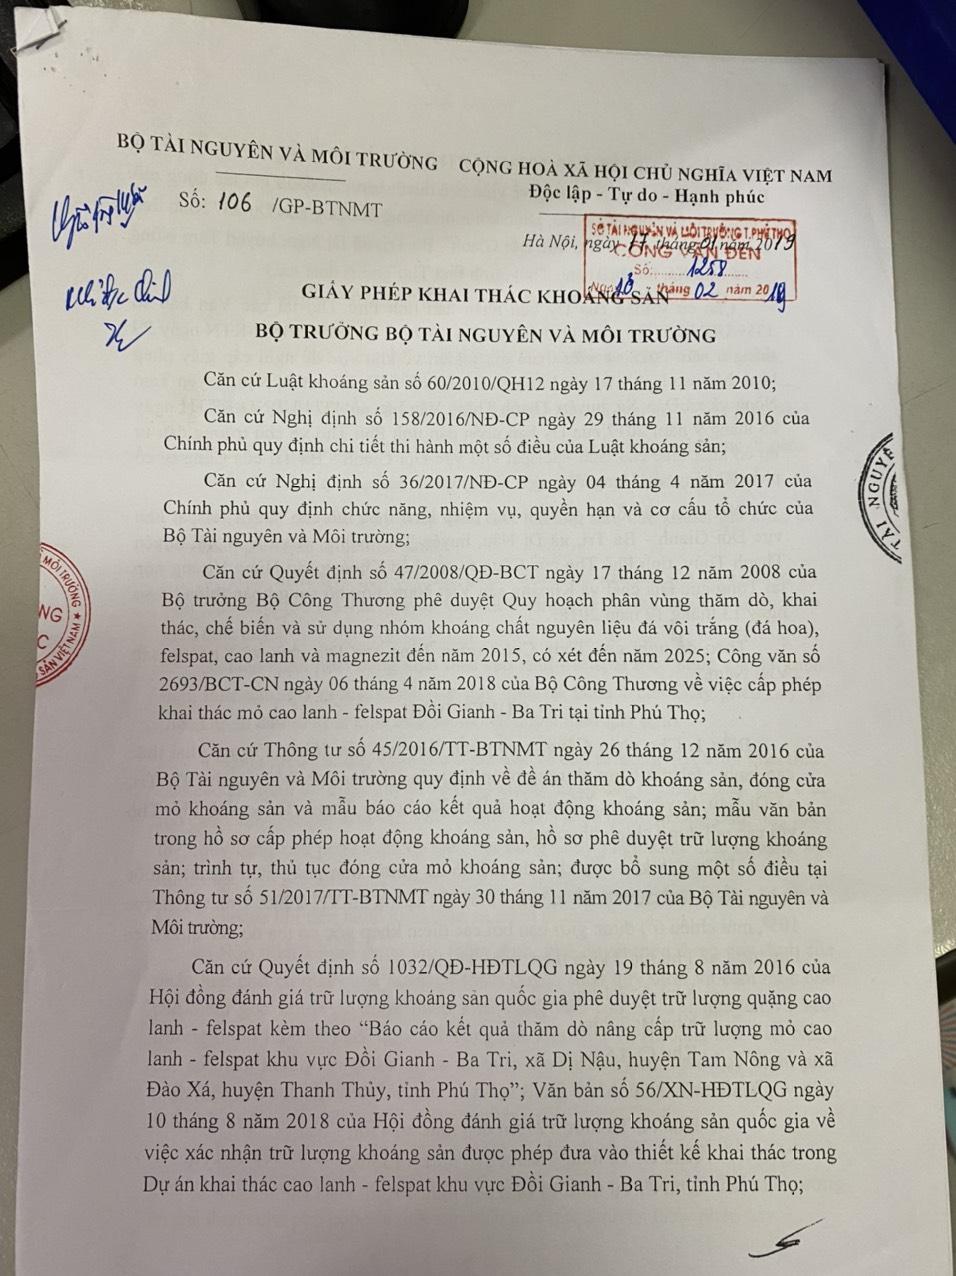 Giấy phép khai thác khoáng sản do Bộ TN&MT cấp cho Công ty Hùng Vương.